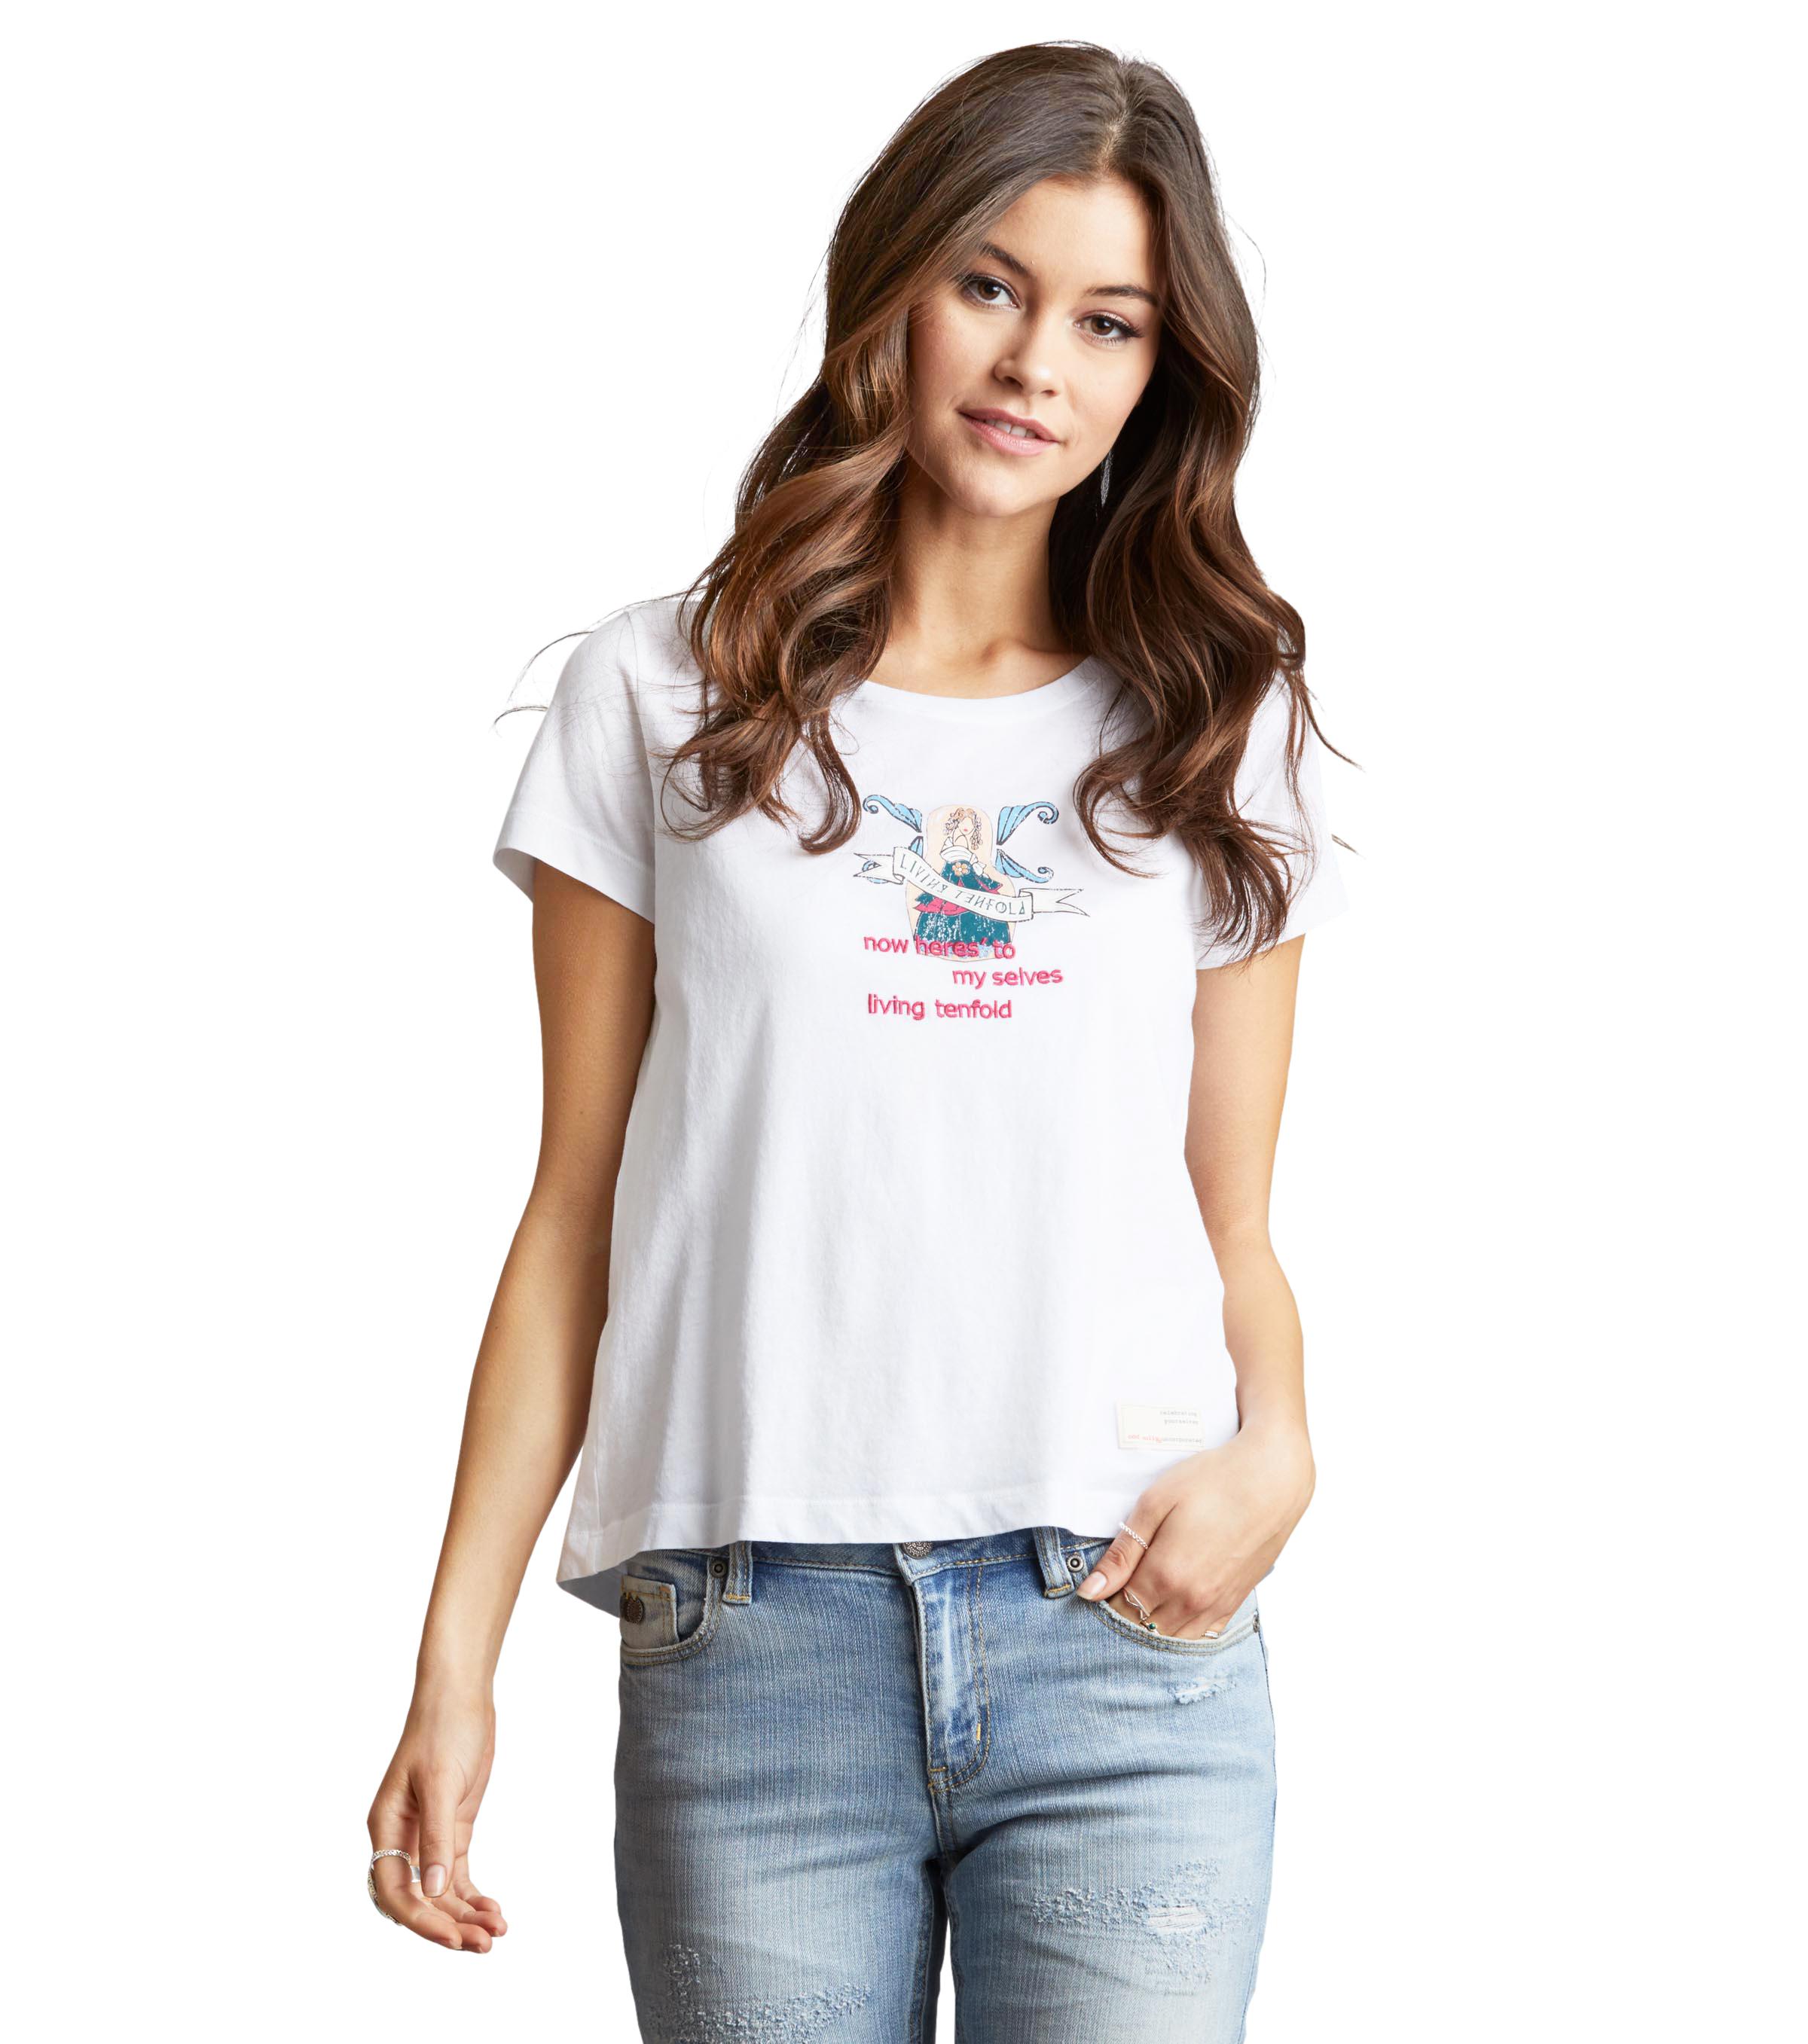 b7c77f812635 Odd Molly Kläder | Shoppa Online | Afound